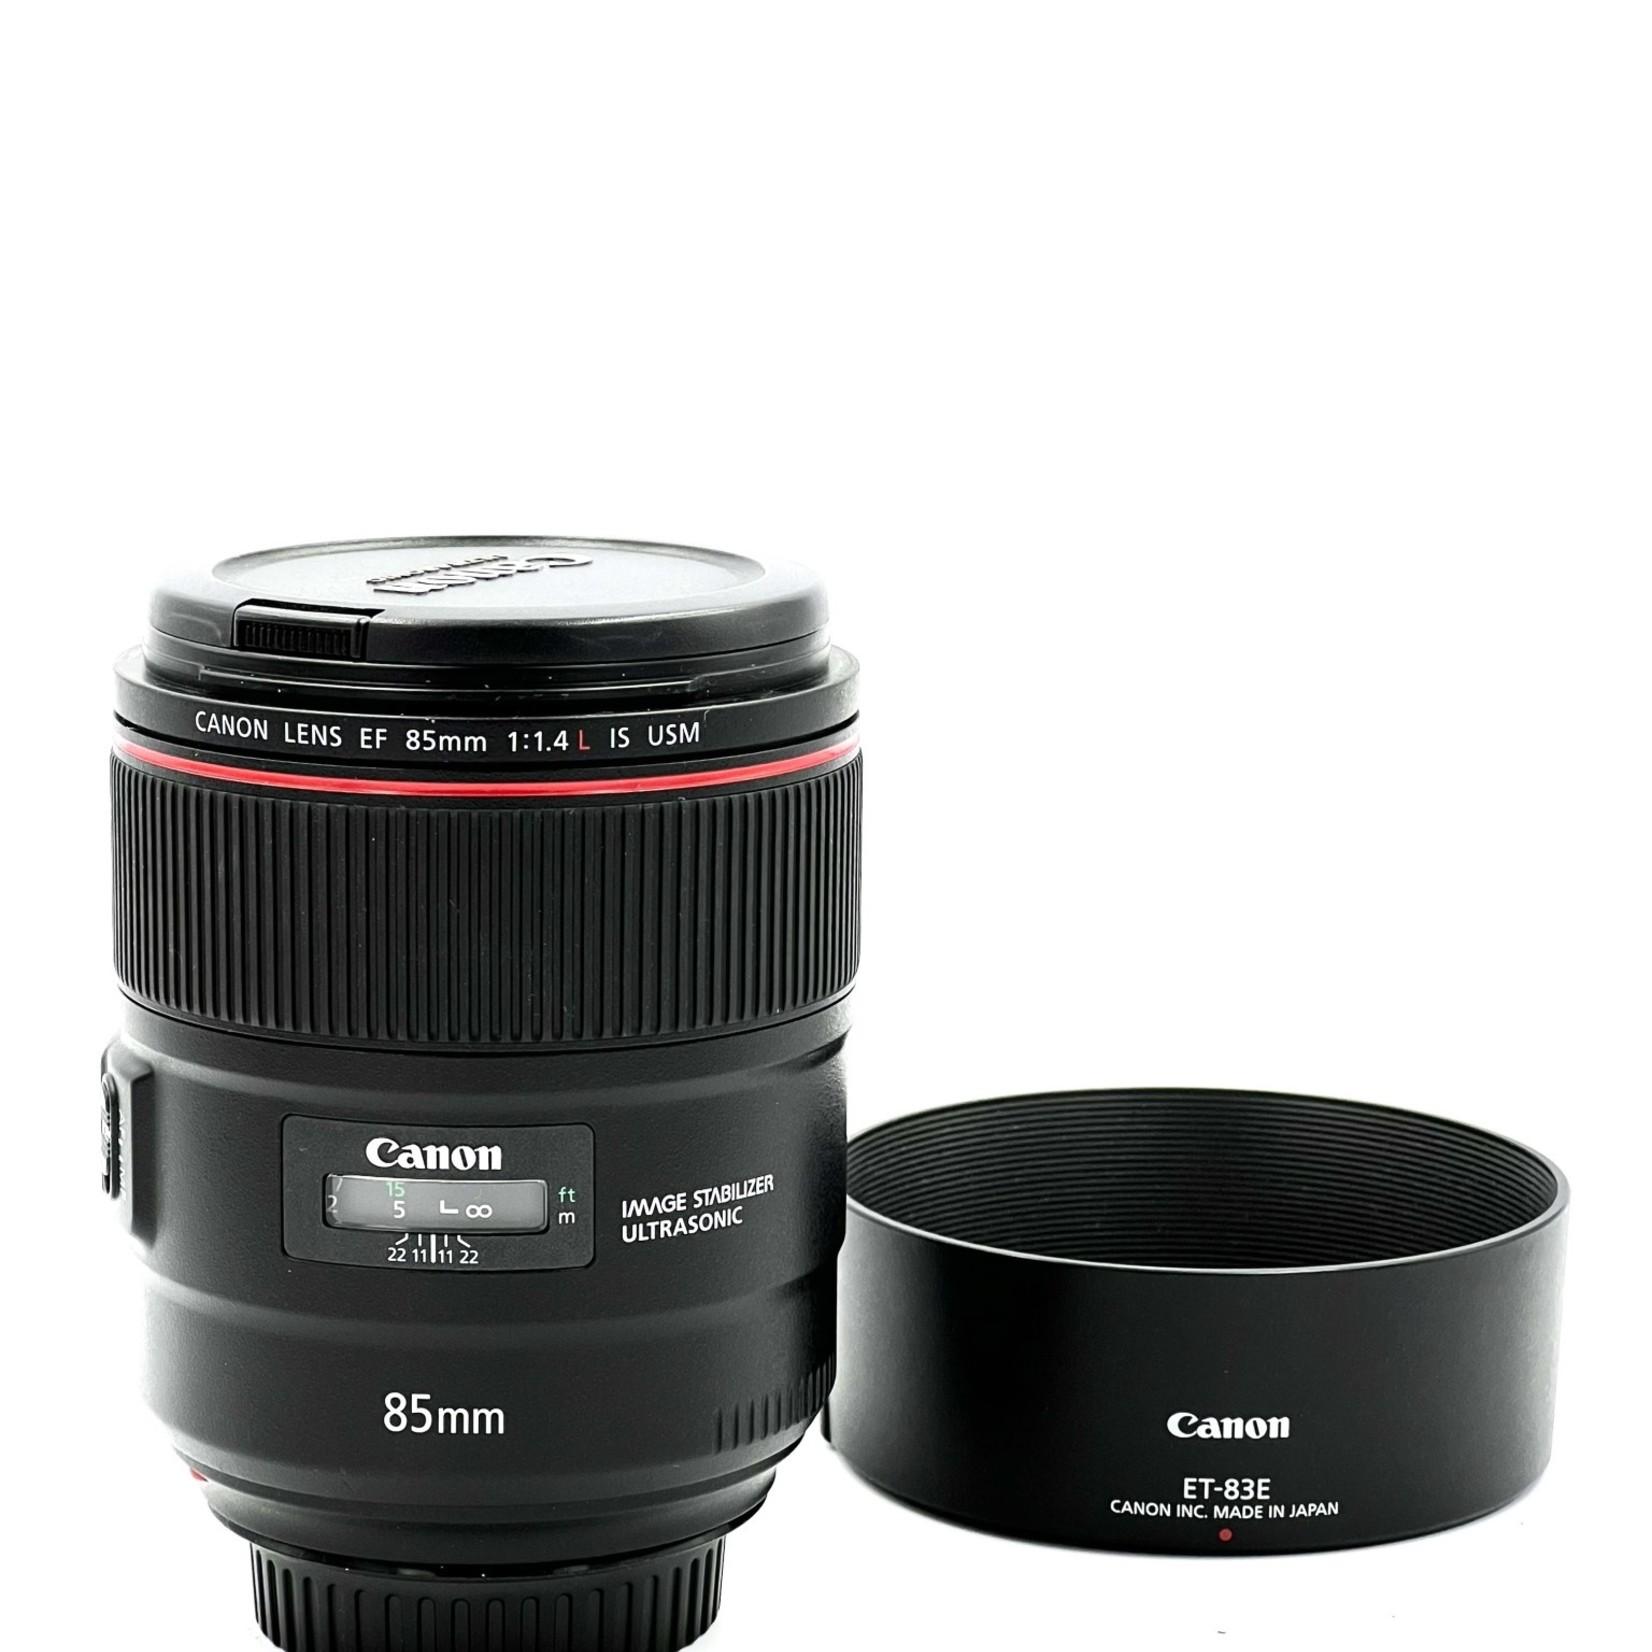 Canon Used Canon 85mm F1.4L